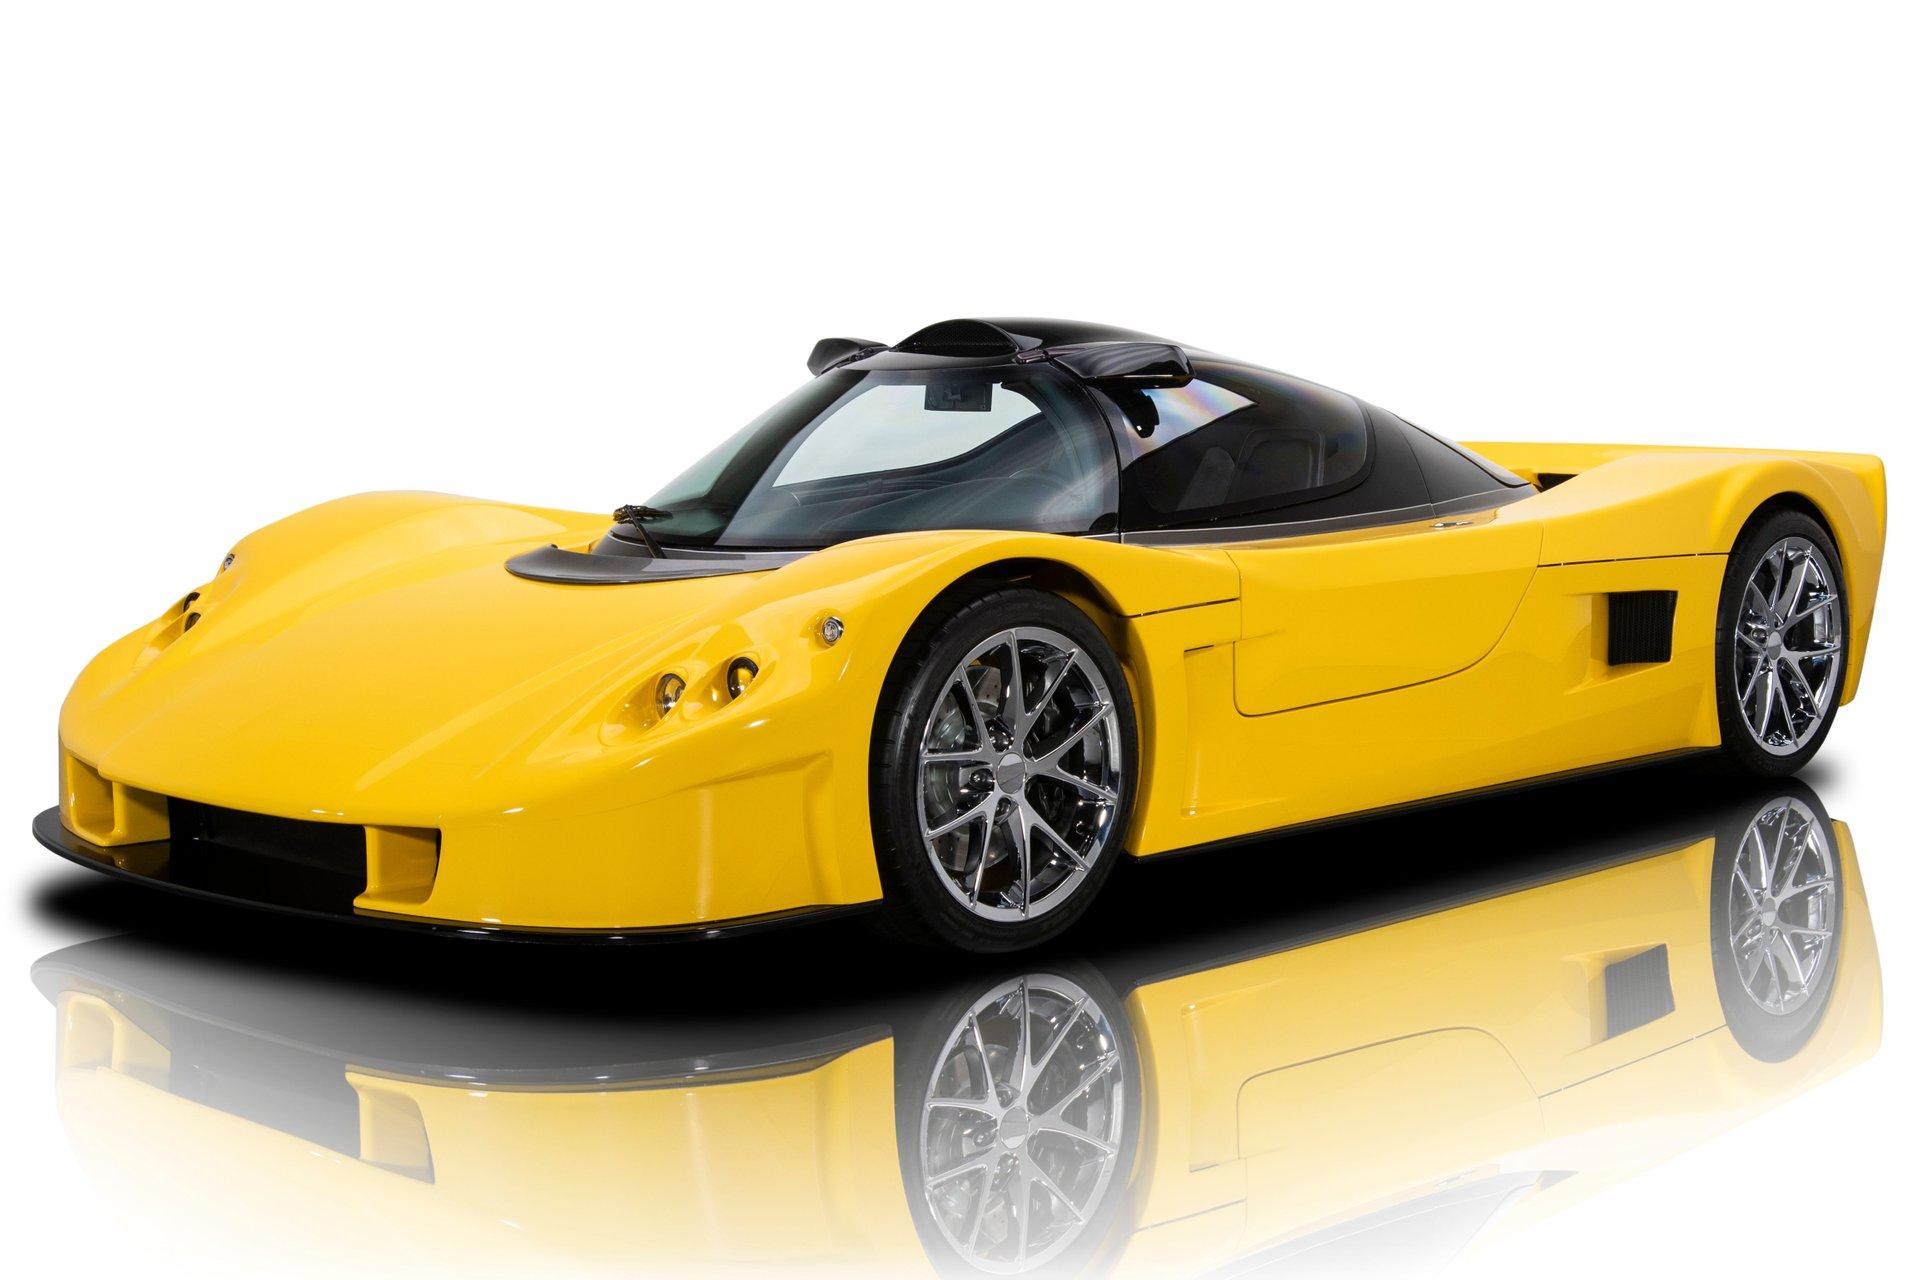 2013 custom rcr superlite coupe